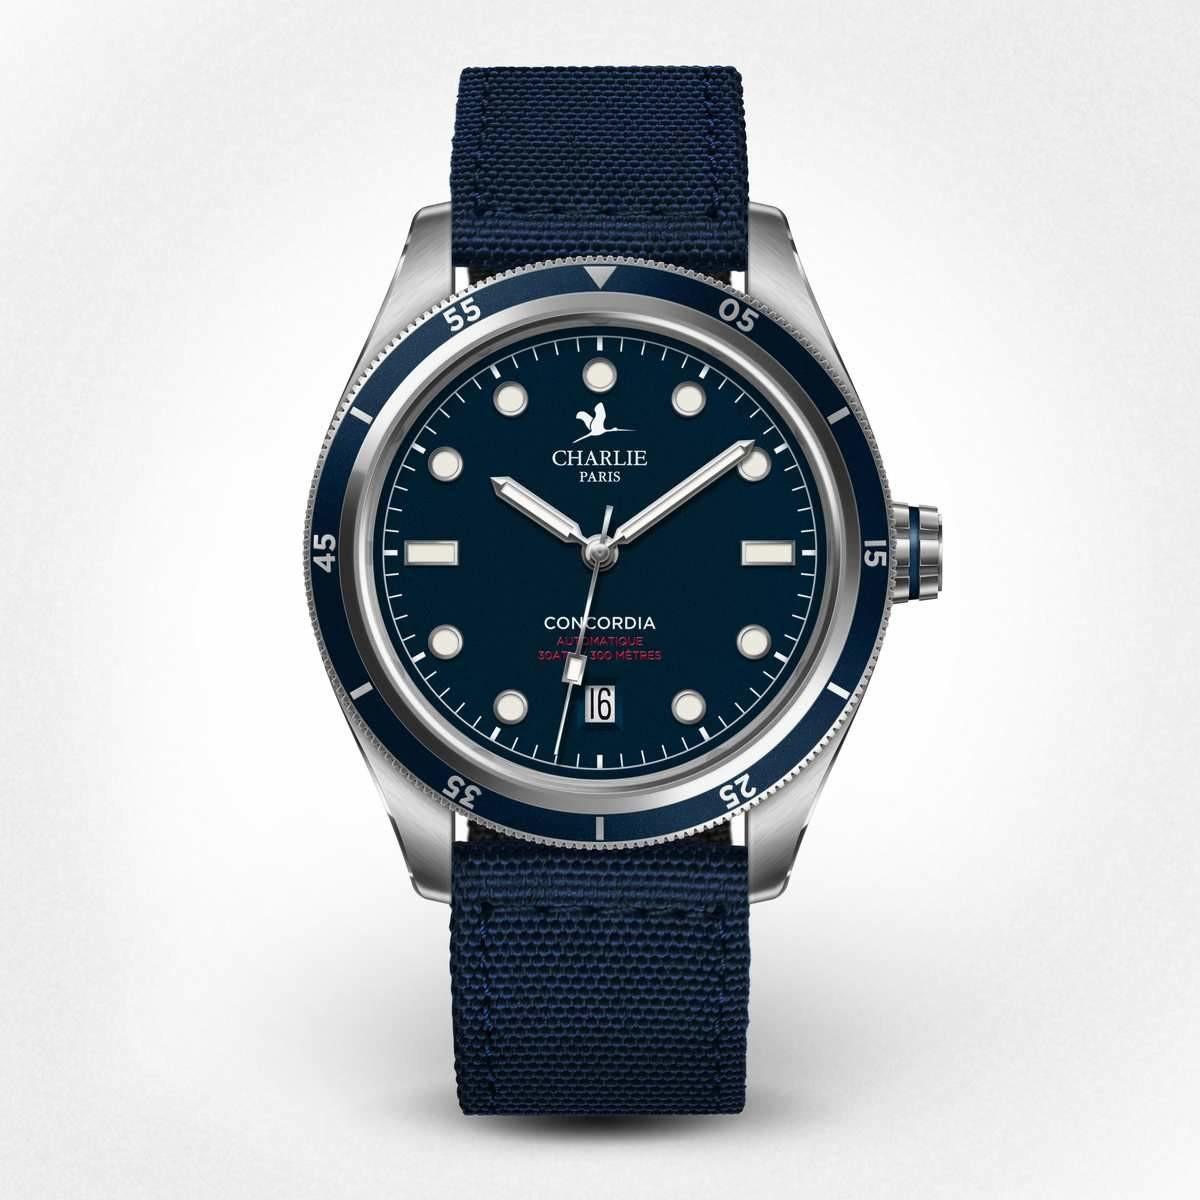 montre-homme-francaise-automatique-plongee-concordia-expedition-40mm-bleu-01_2000x Les montres pour homme incontournables de 2021